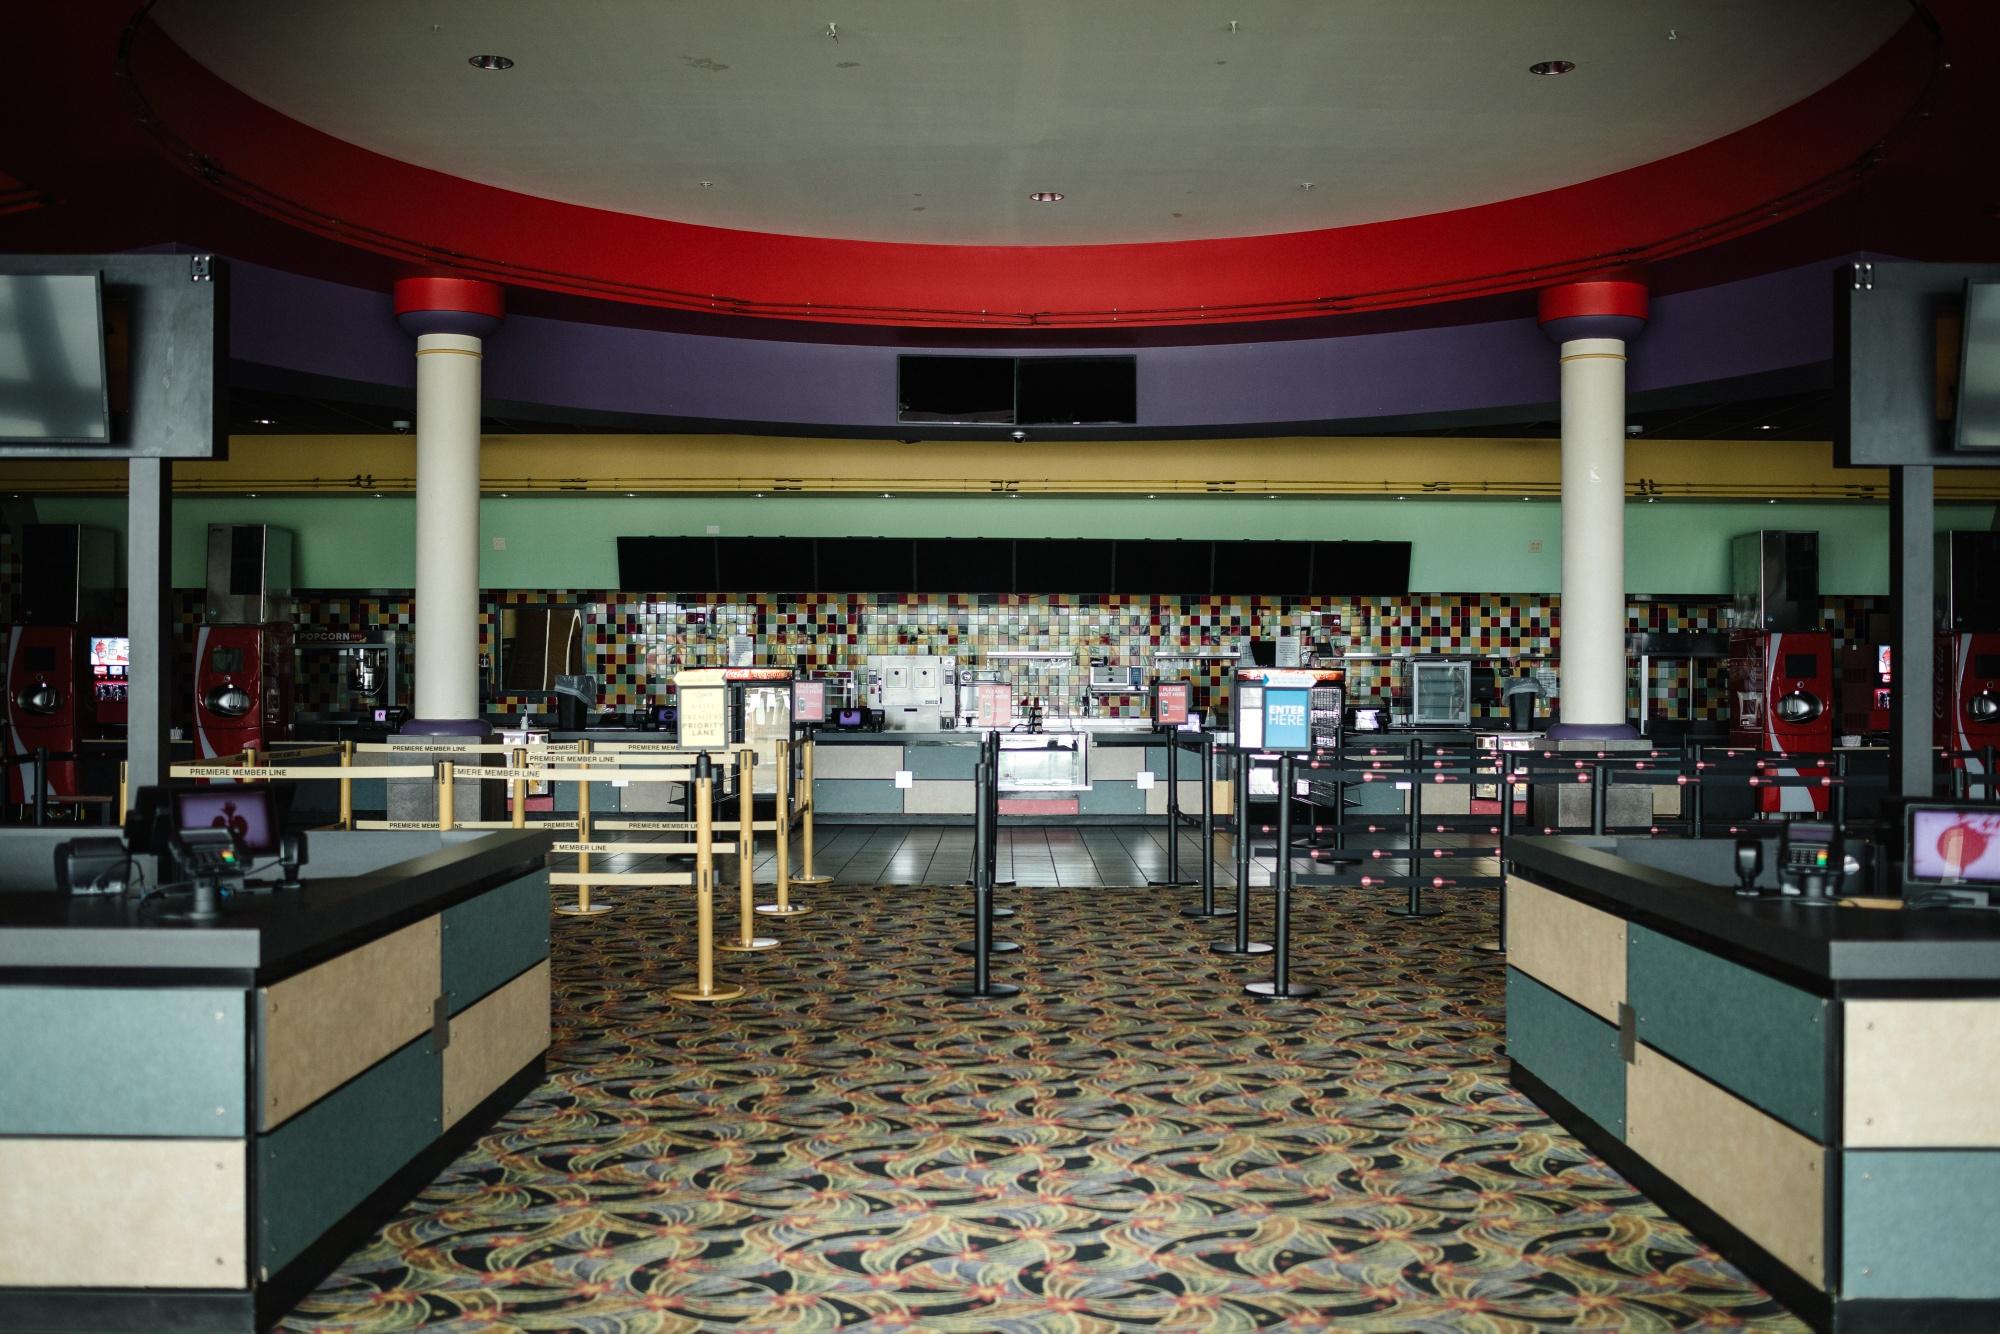 Amc Regal Rejected On Bid To Reopen N J Cinemas For Summer Bloomberg